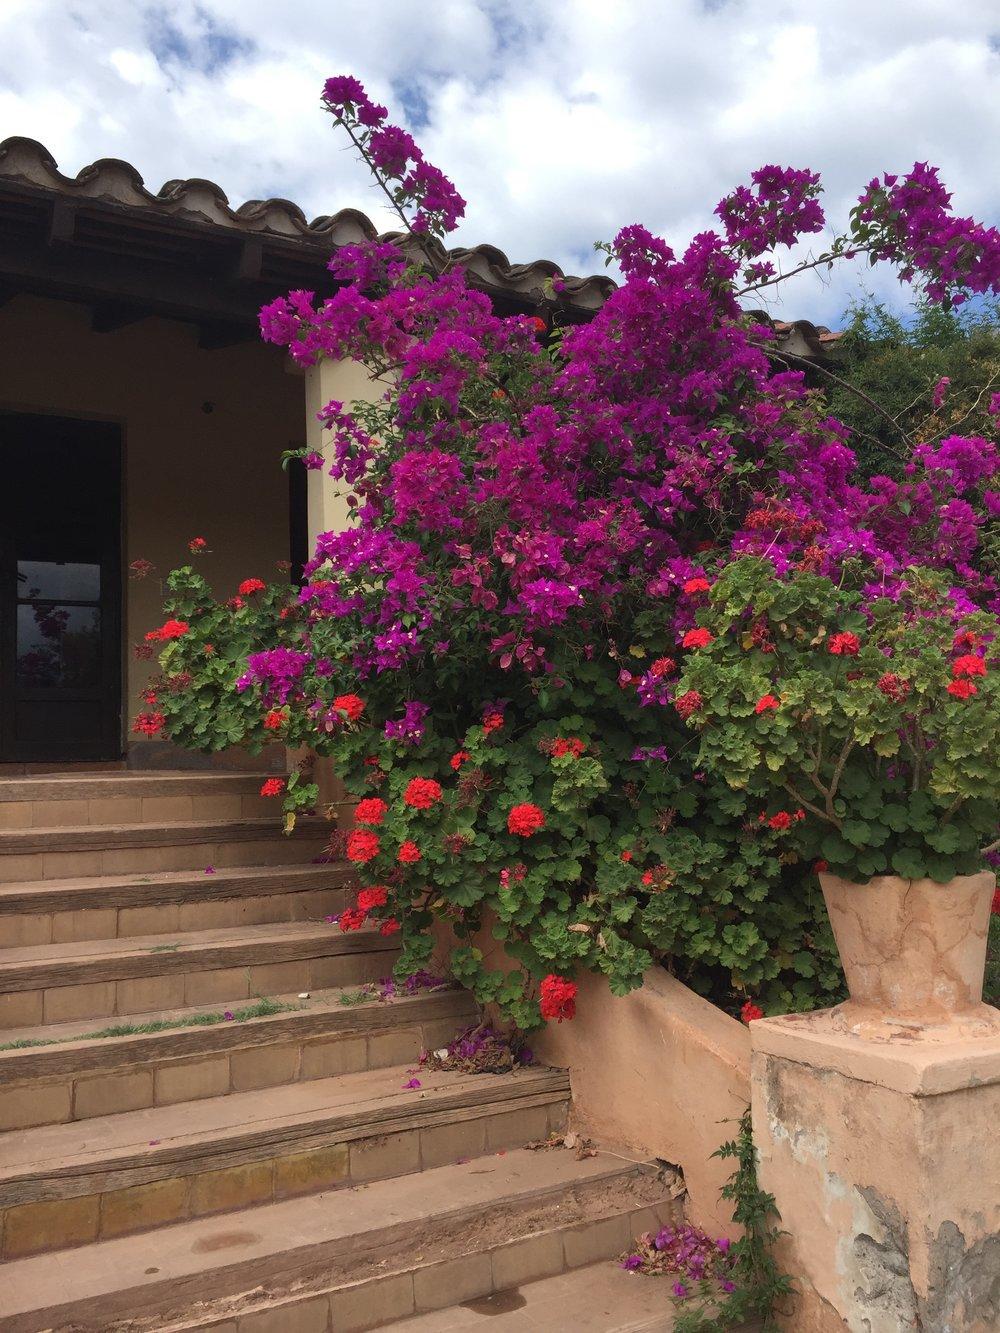 Colonial House Step Flowers - Copy - Copy - Copy - Copy - Copy - Copy.jpg